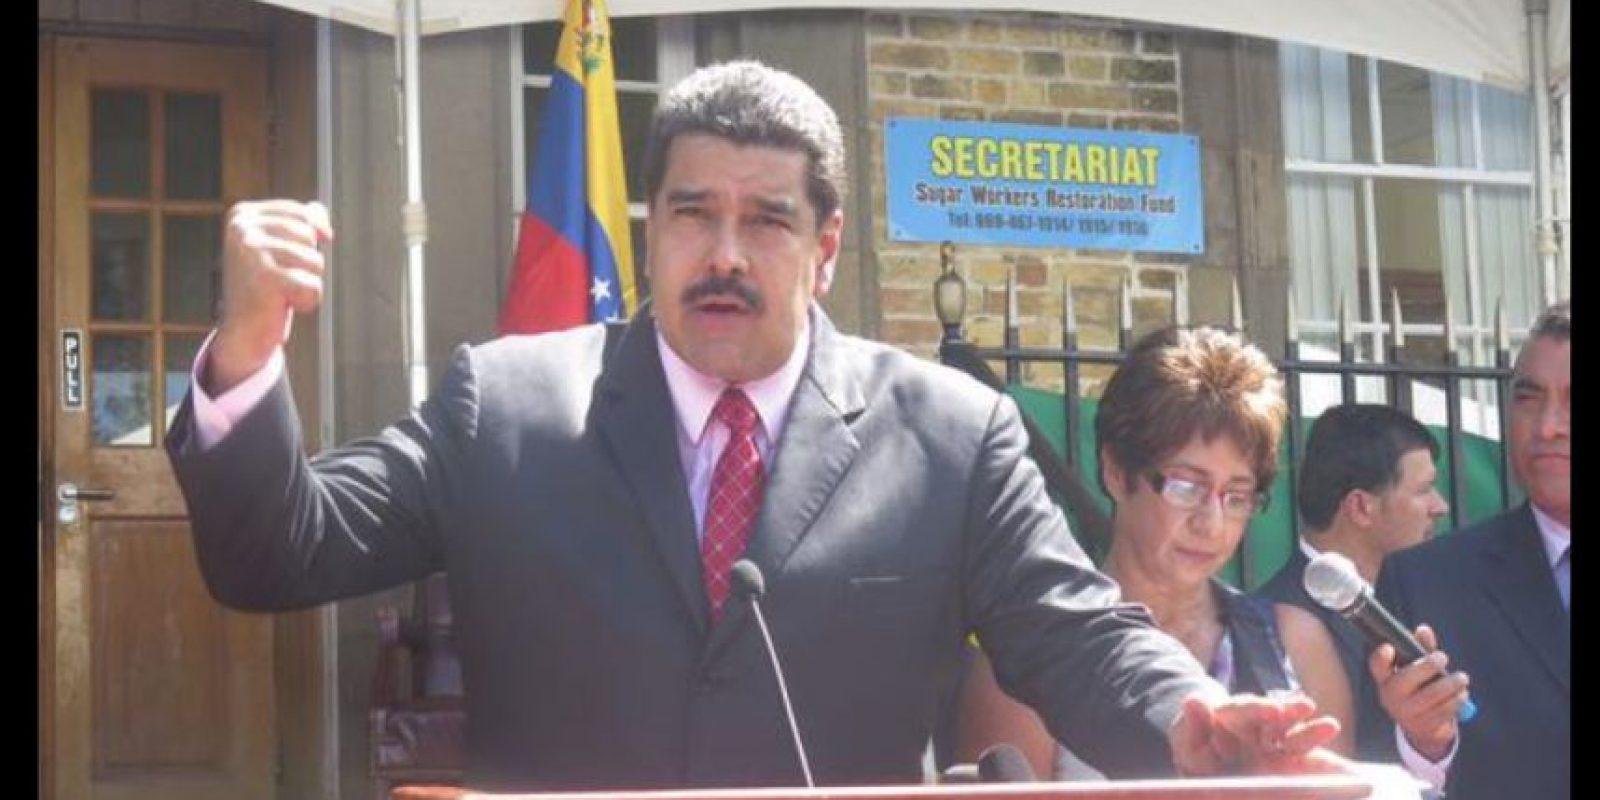 Venezuela se ha comprometido a ayudar al desarrollo de aquel país. Foto:Vía Twitter @thomasramirezs